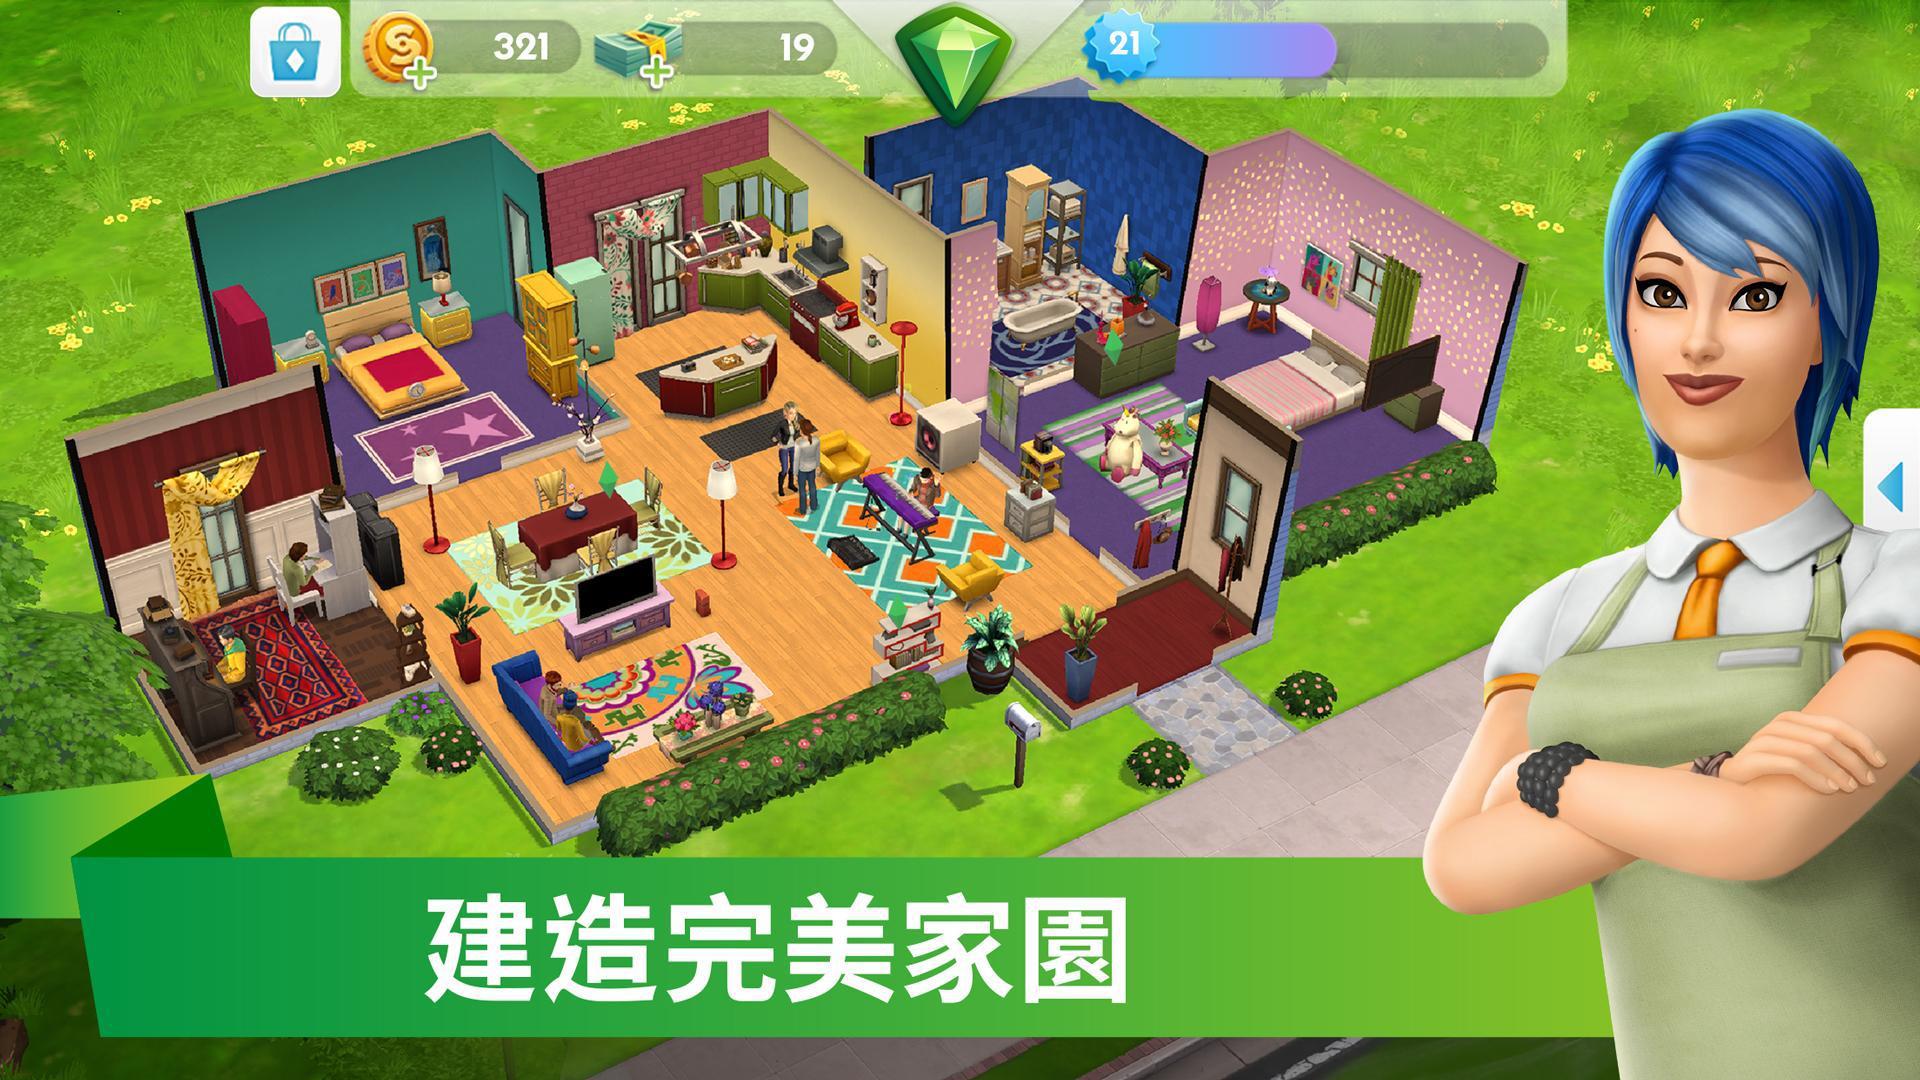 模拟人生移动版 游戏截图3